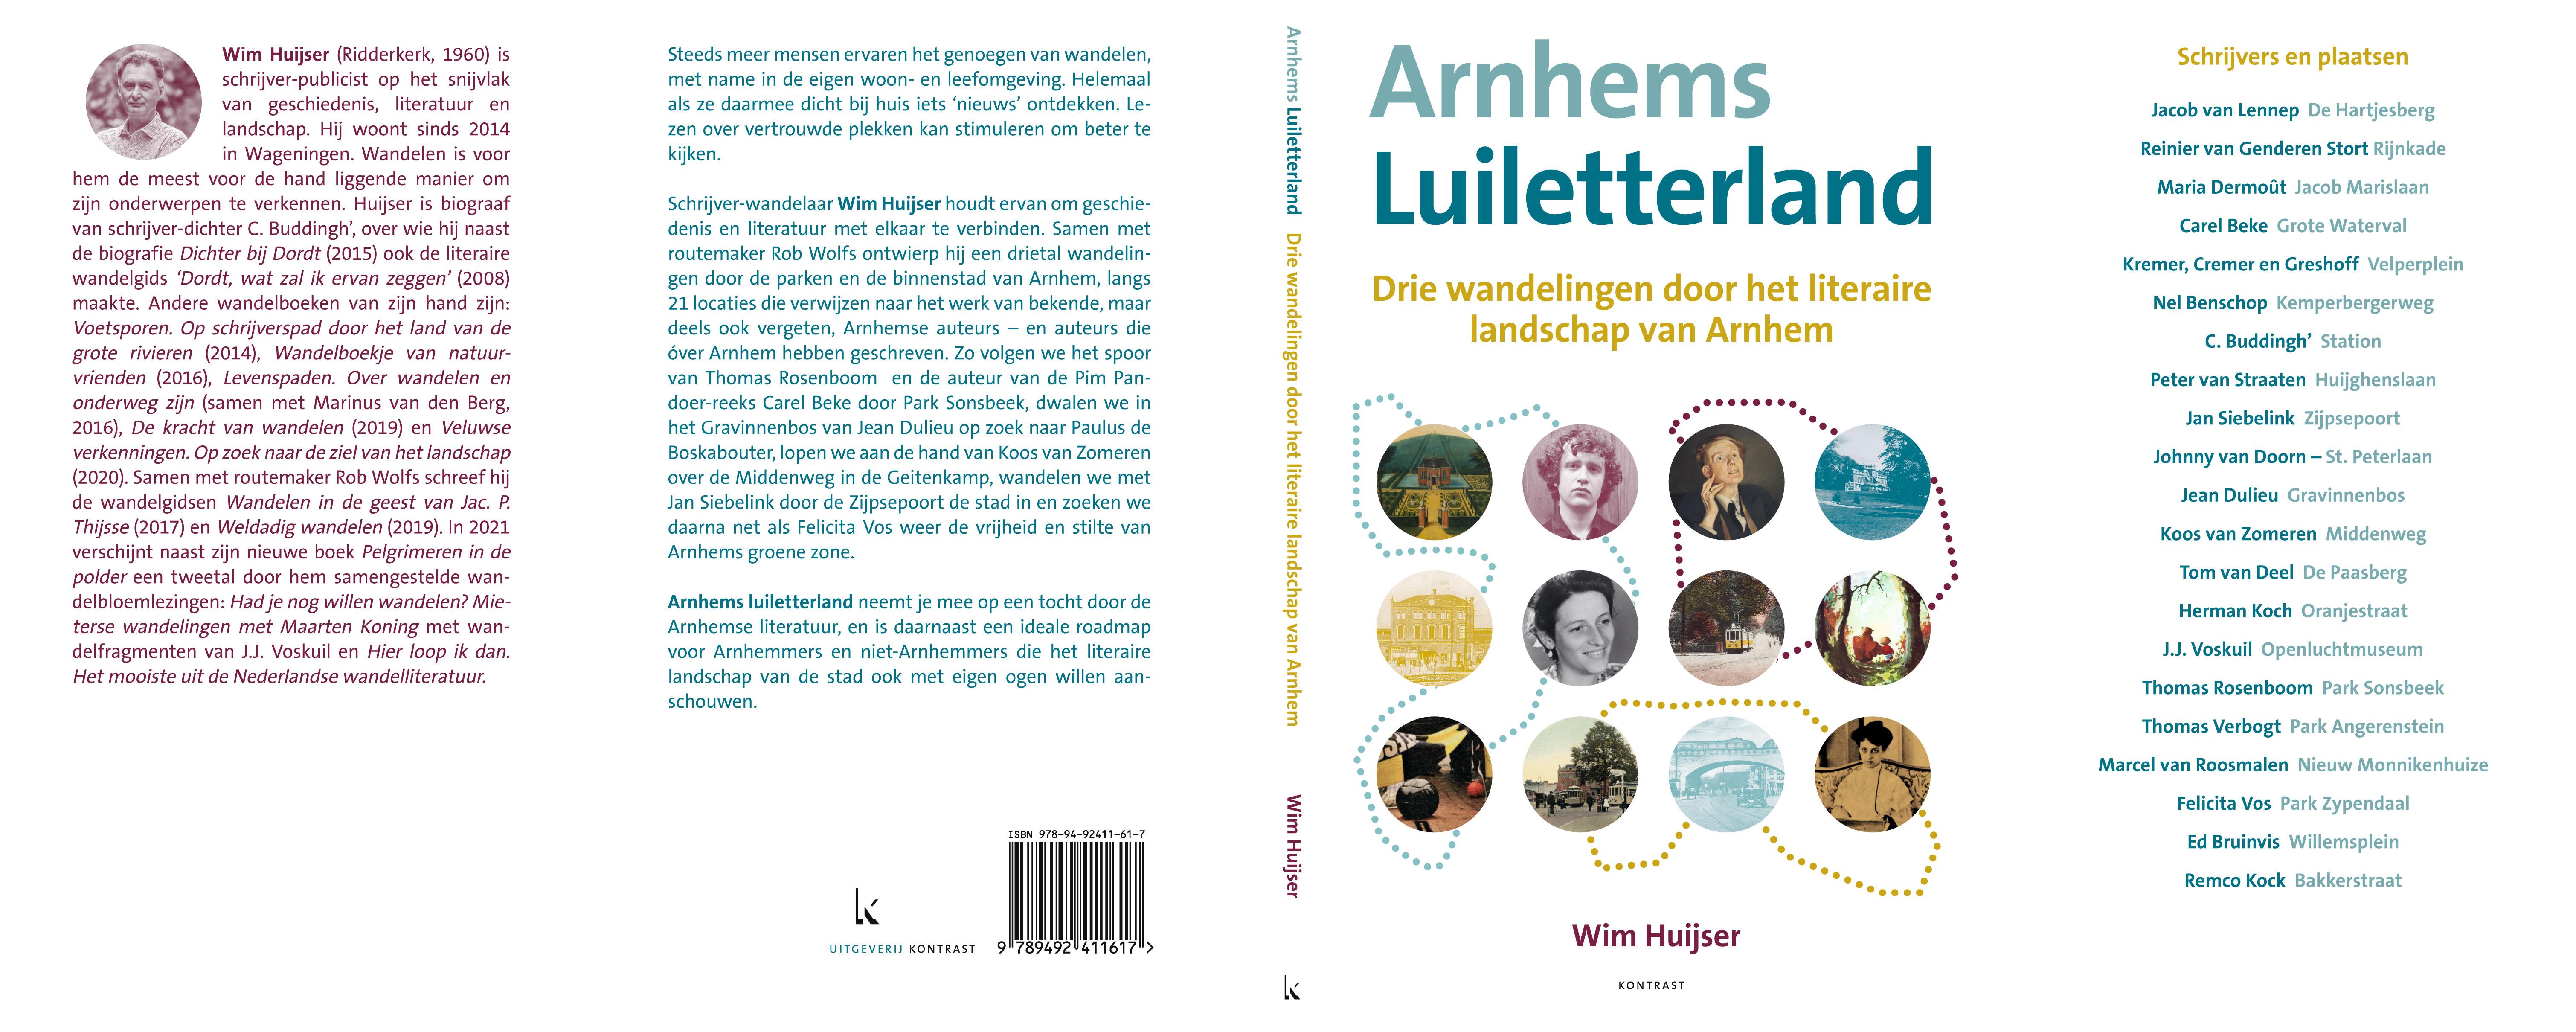 DEF_cover Arnhems Luiletterland_Wim Huijser.indd